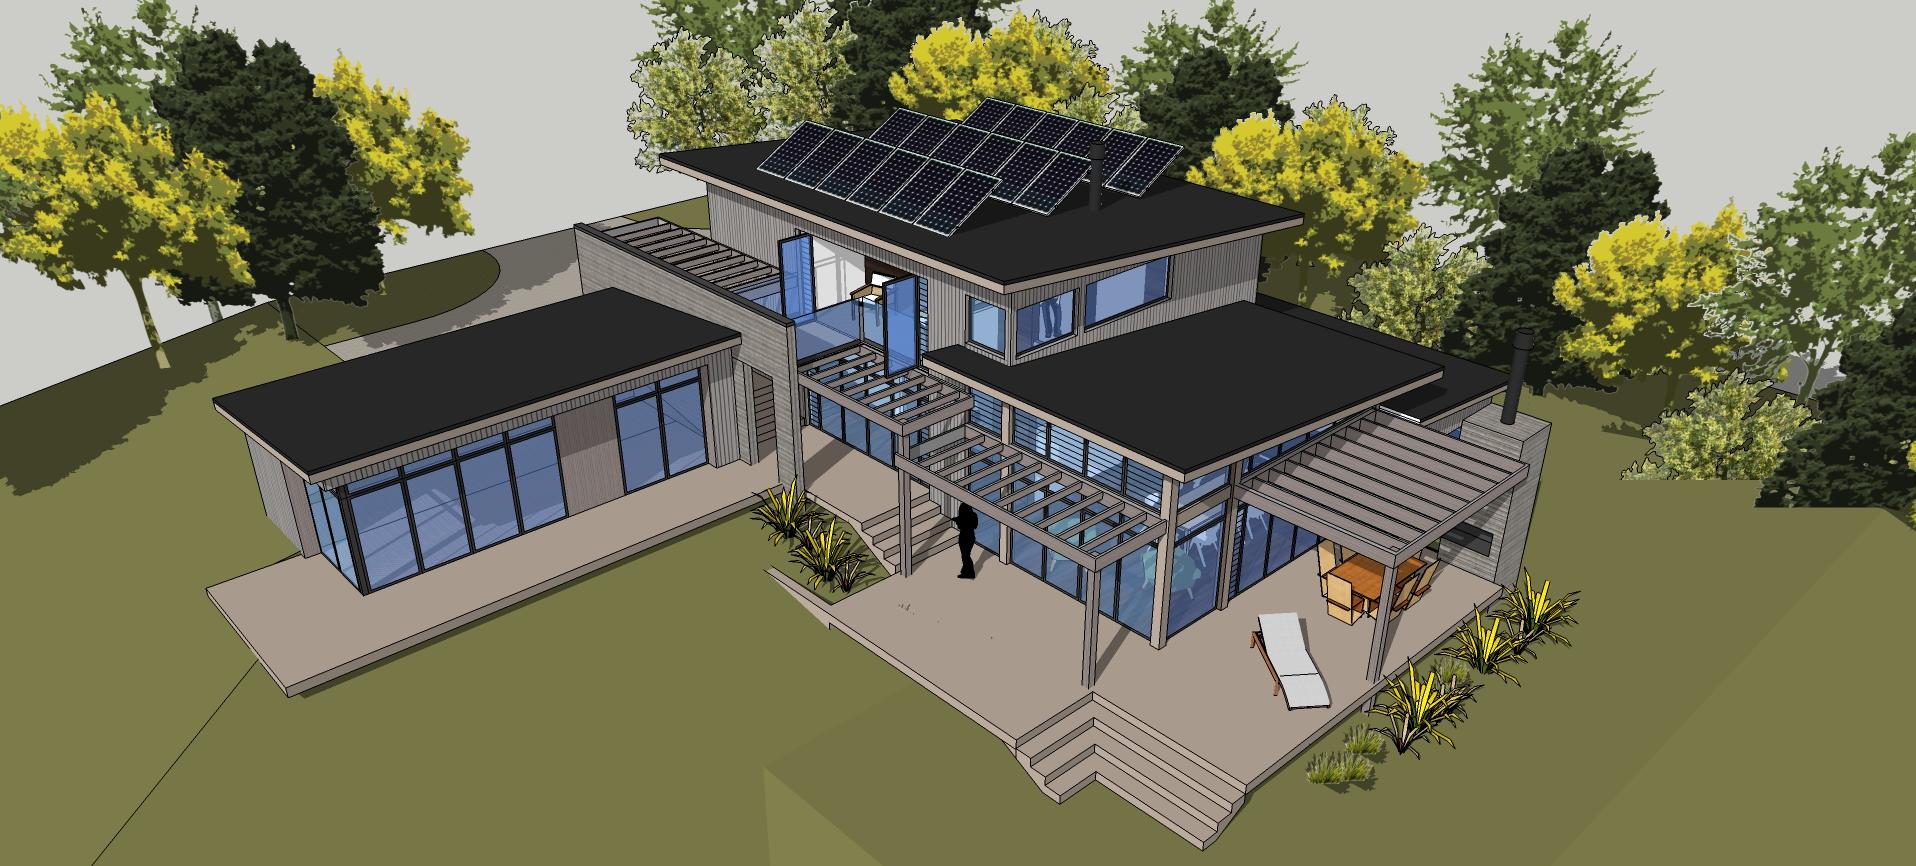 Solar-House-Concept-8.jpg